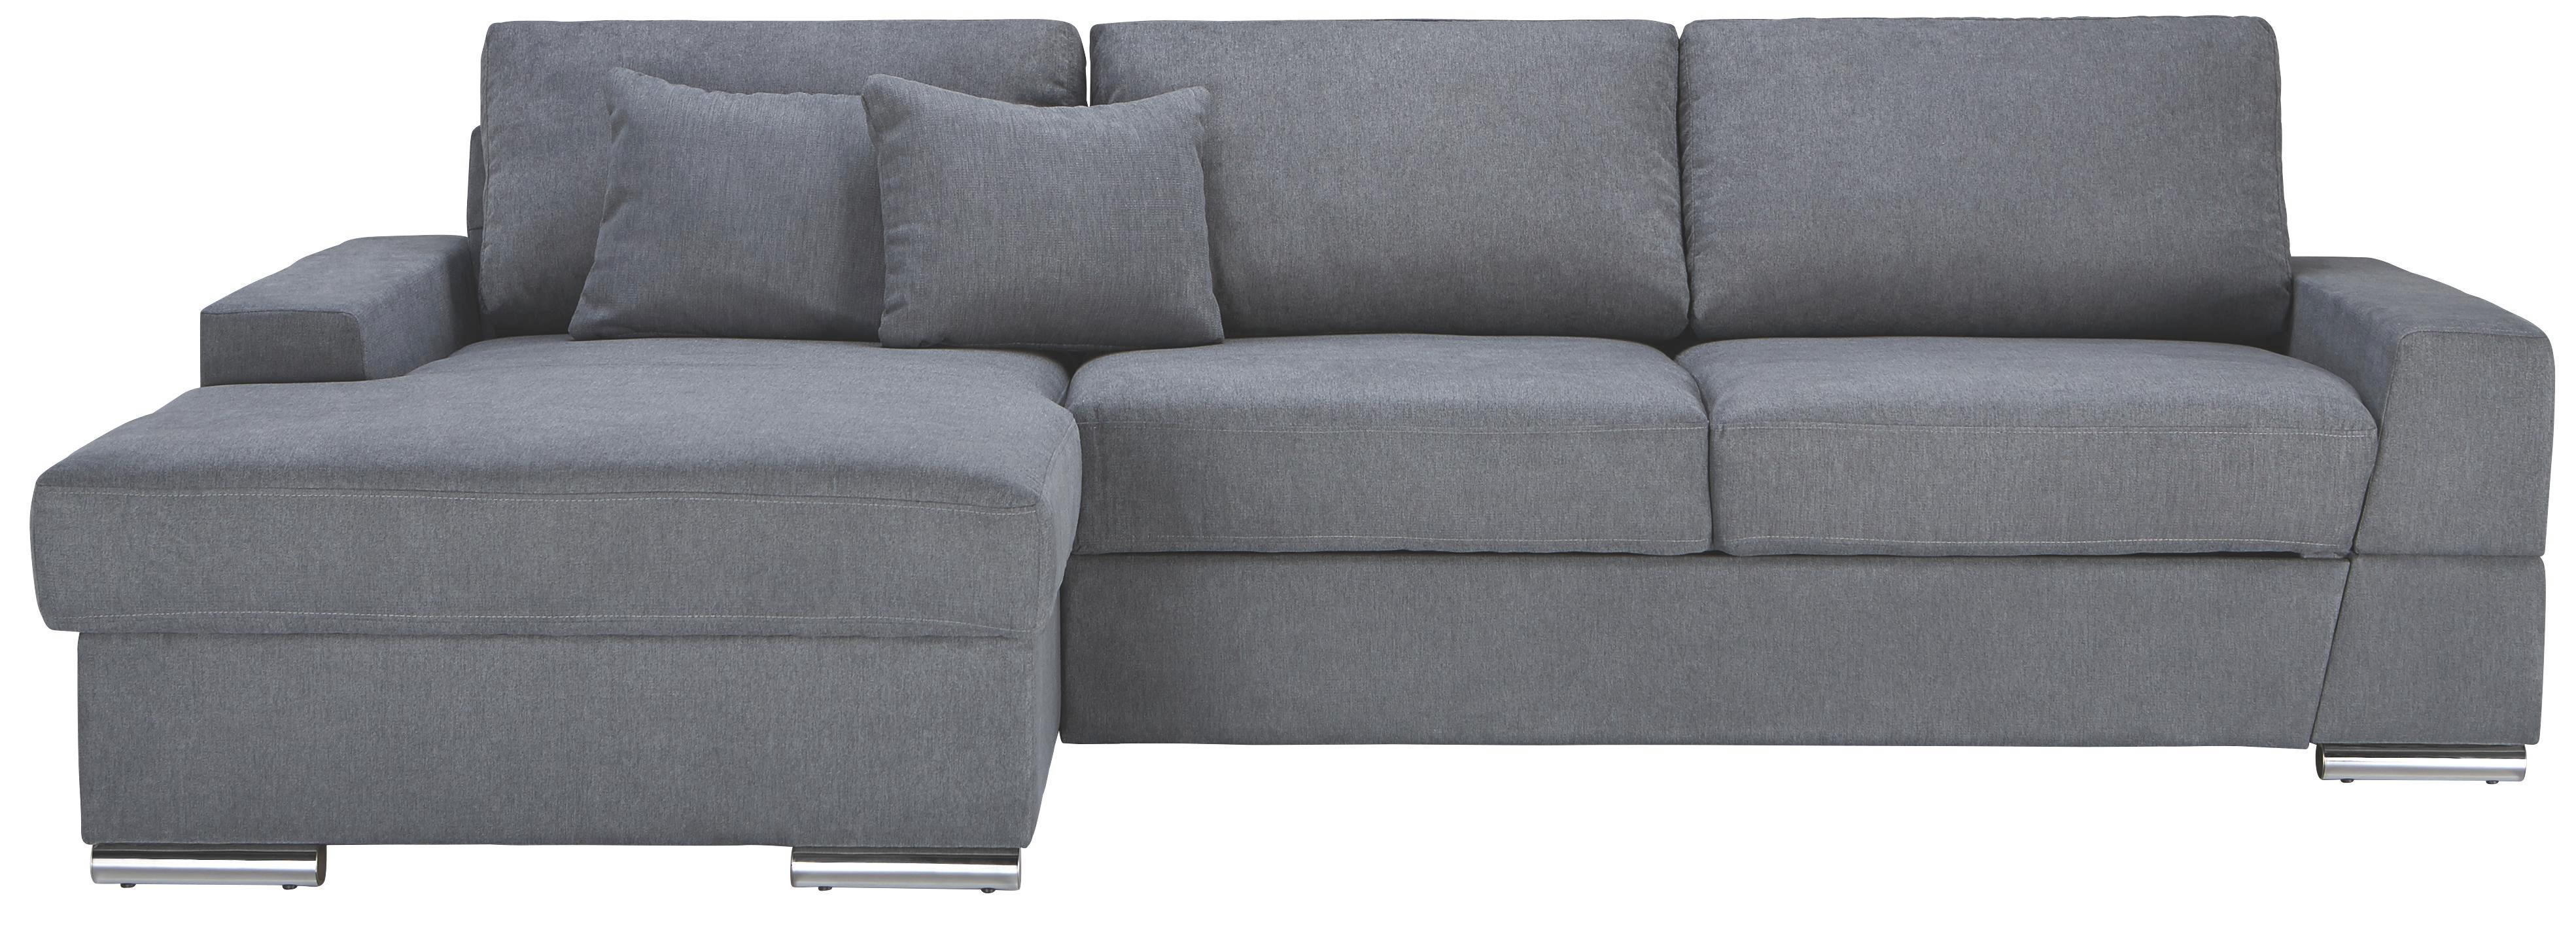 Sedací Souprava Kuba - šedá, Moderní, dřevo/textil (165/88/290cm)